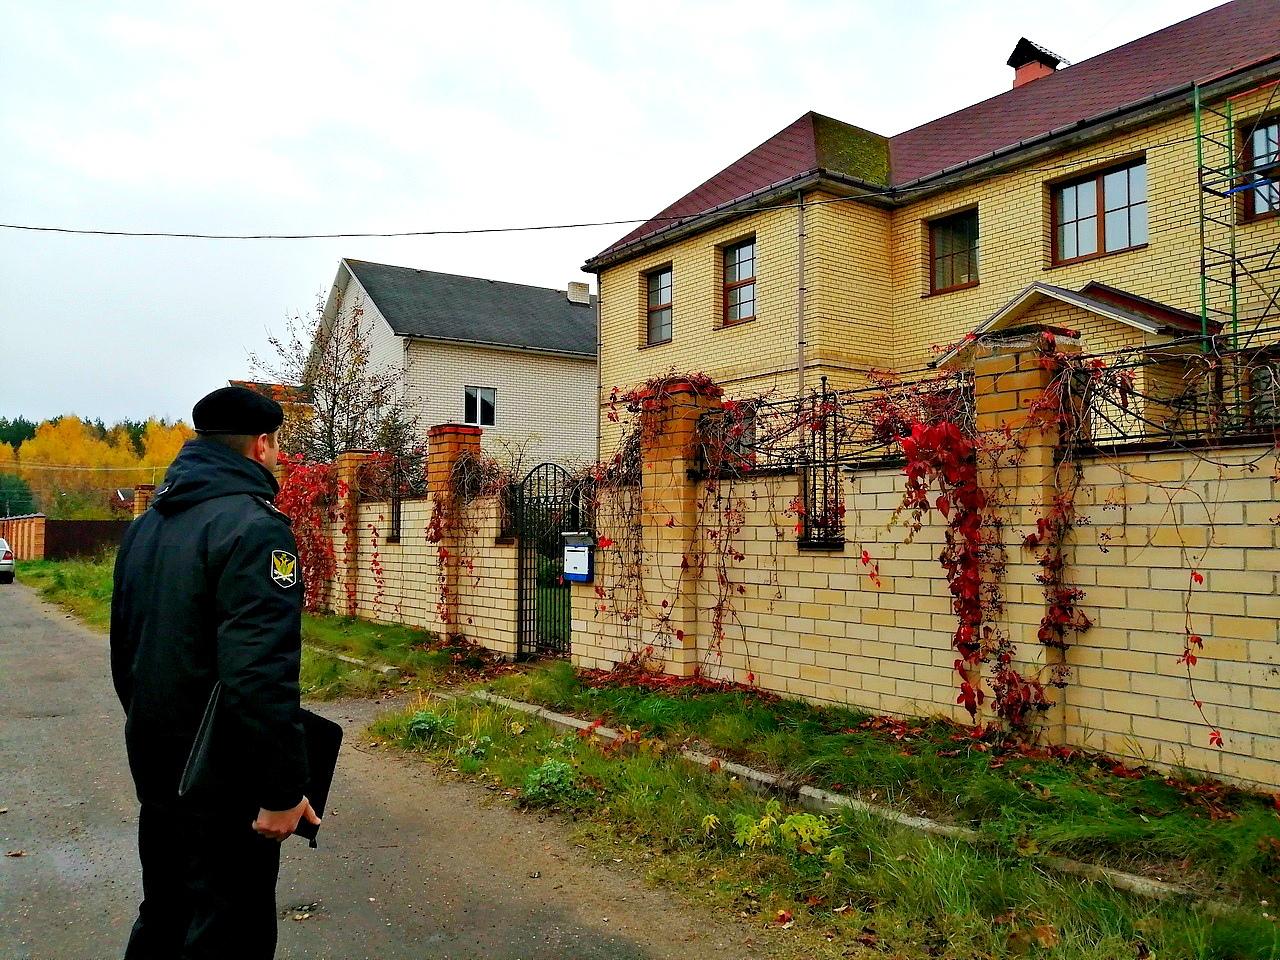 Ярославна из-за долгов лишилась двухэтажного особняка стоимостью больше 14 миллионов